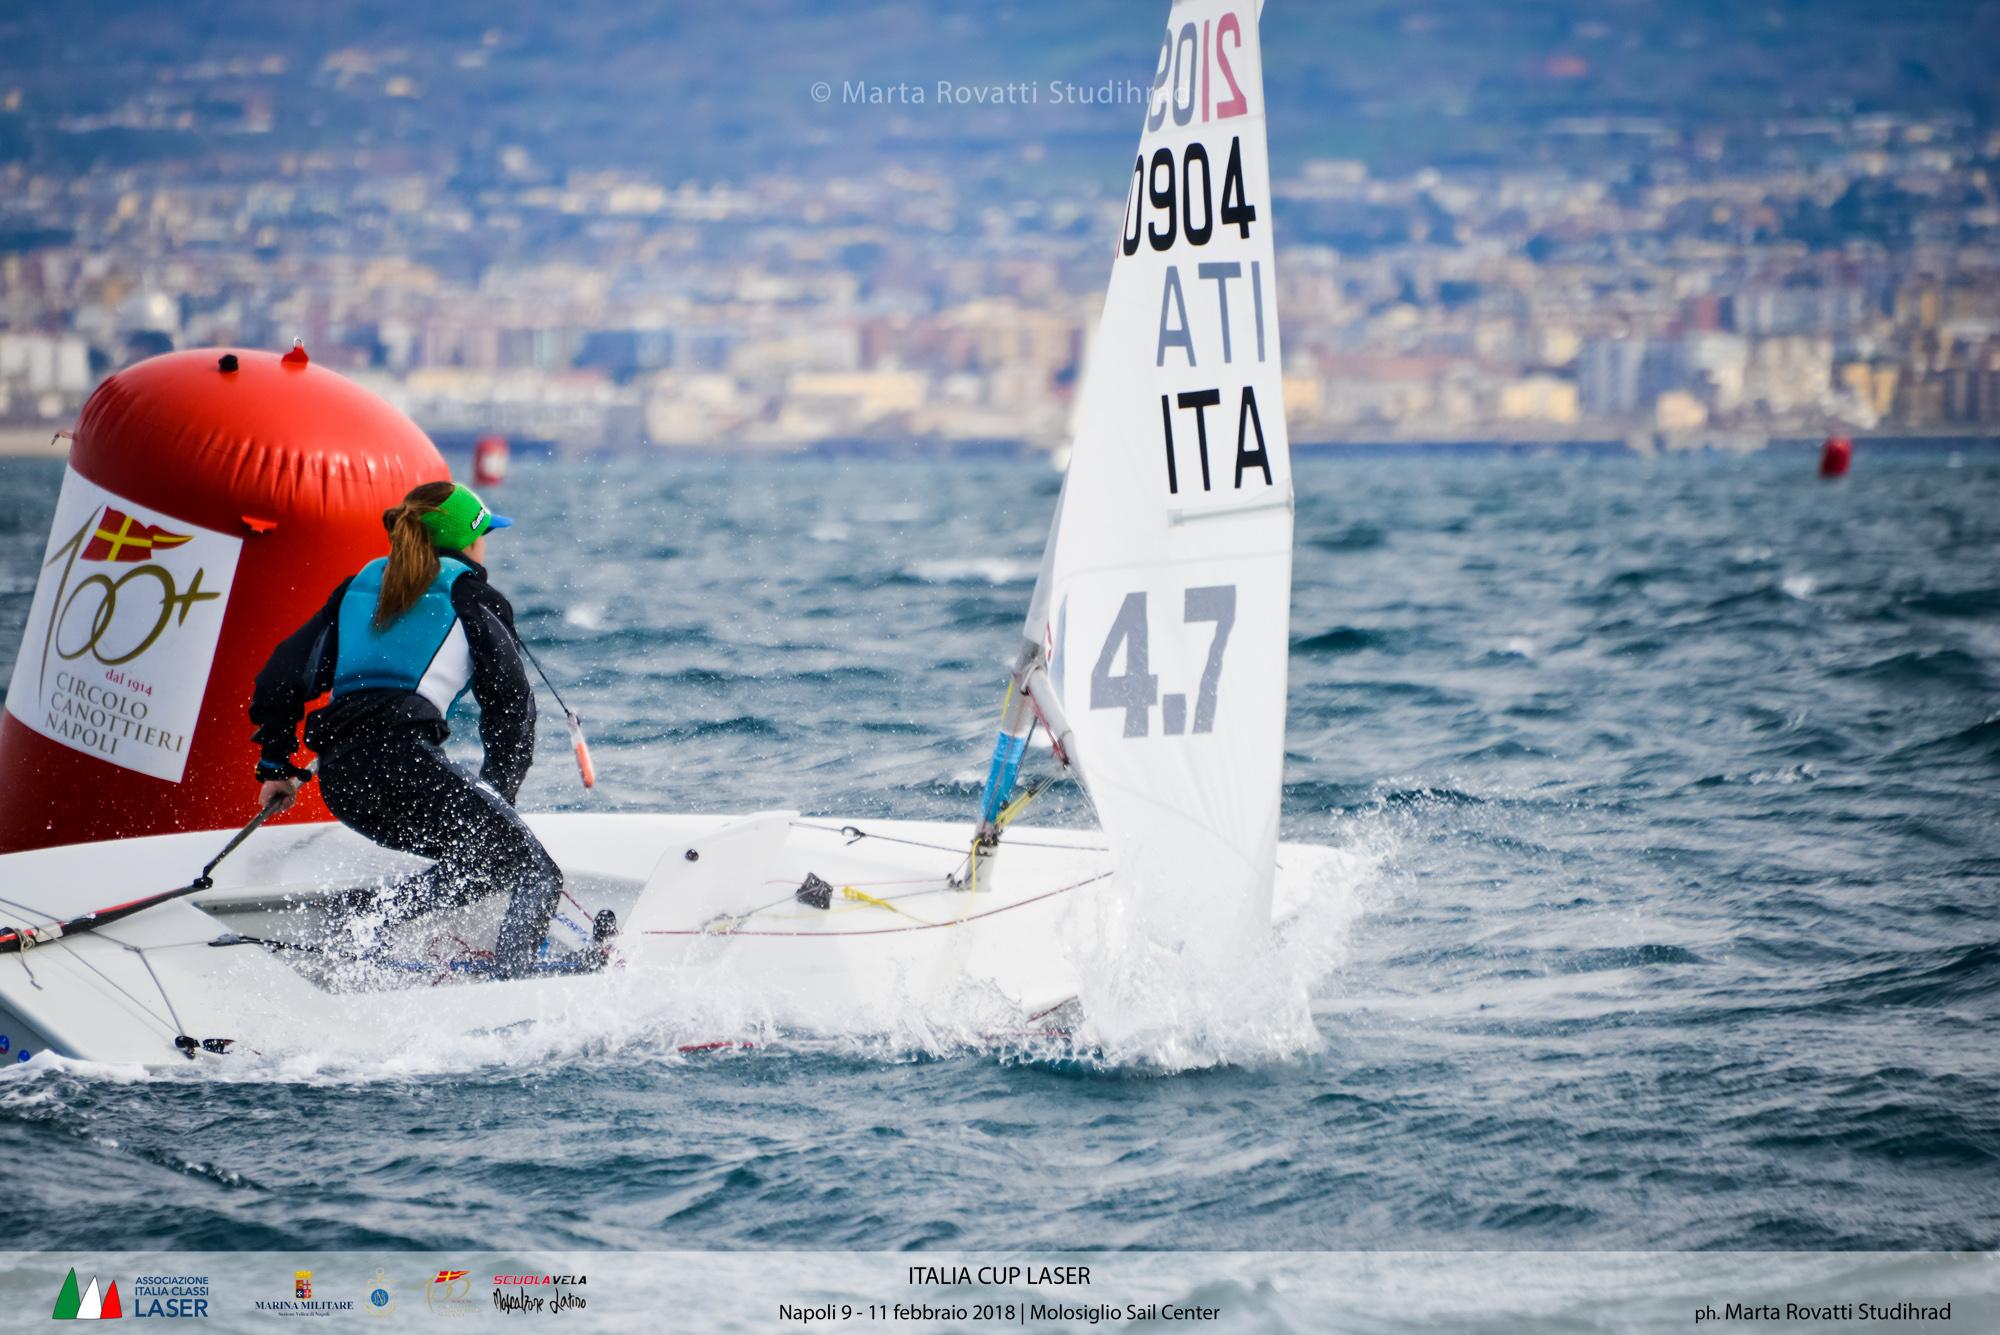 Associazione-Italia-Classi-Laser-2018-NapoliMGR_1392